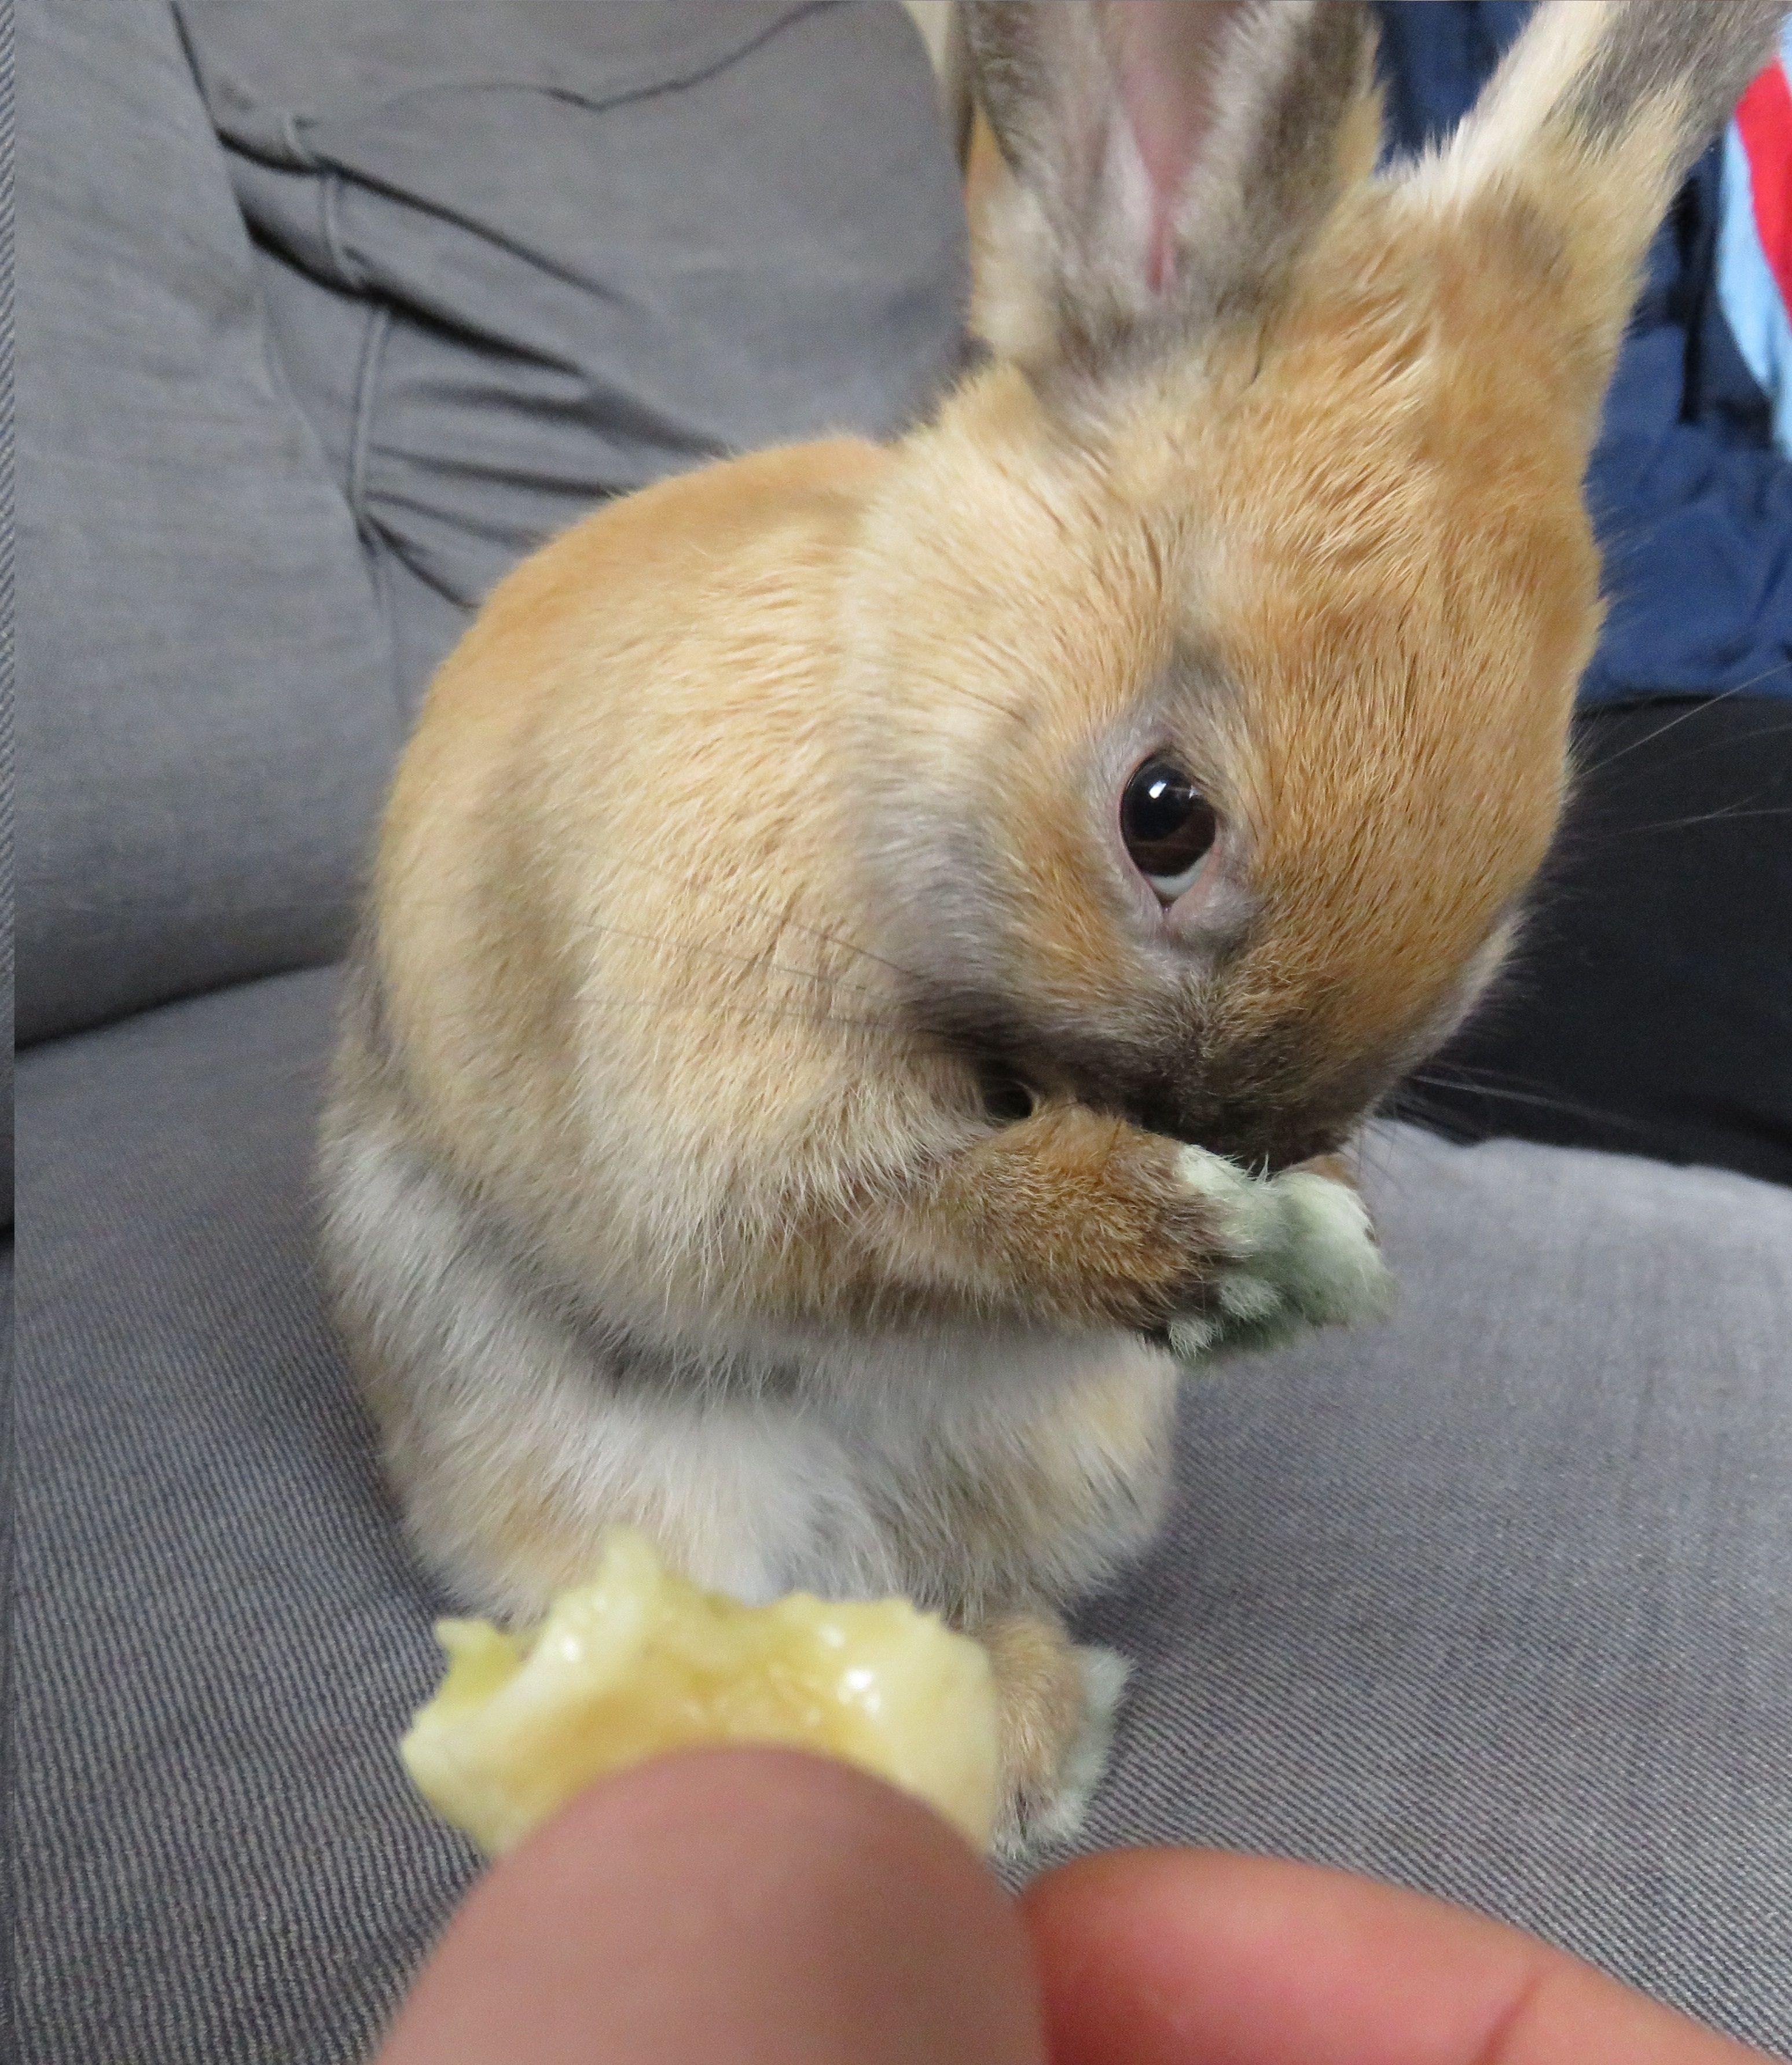 Hamster Eating Banana Meme